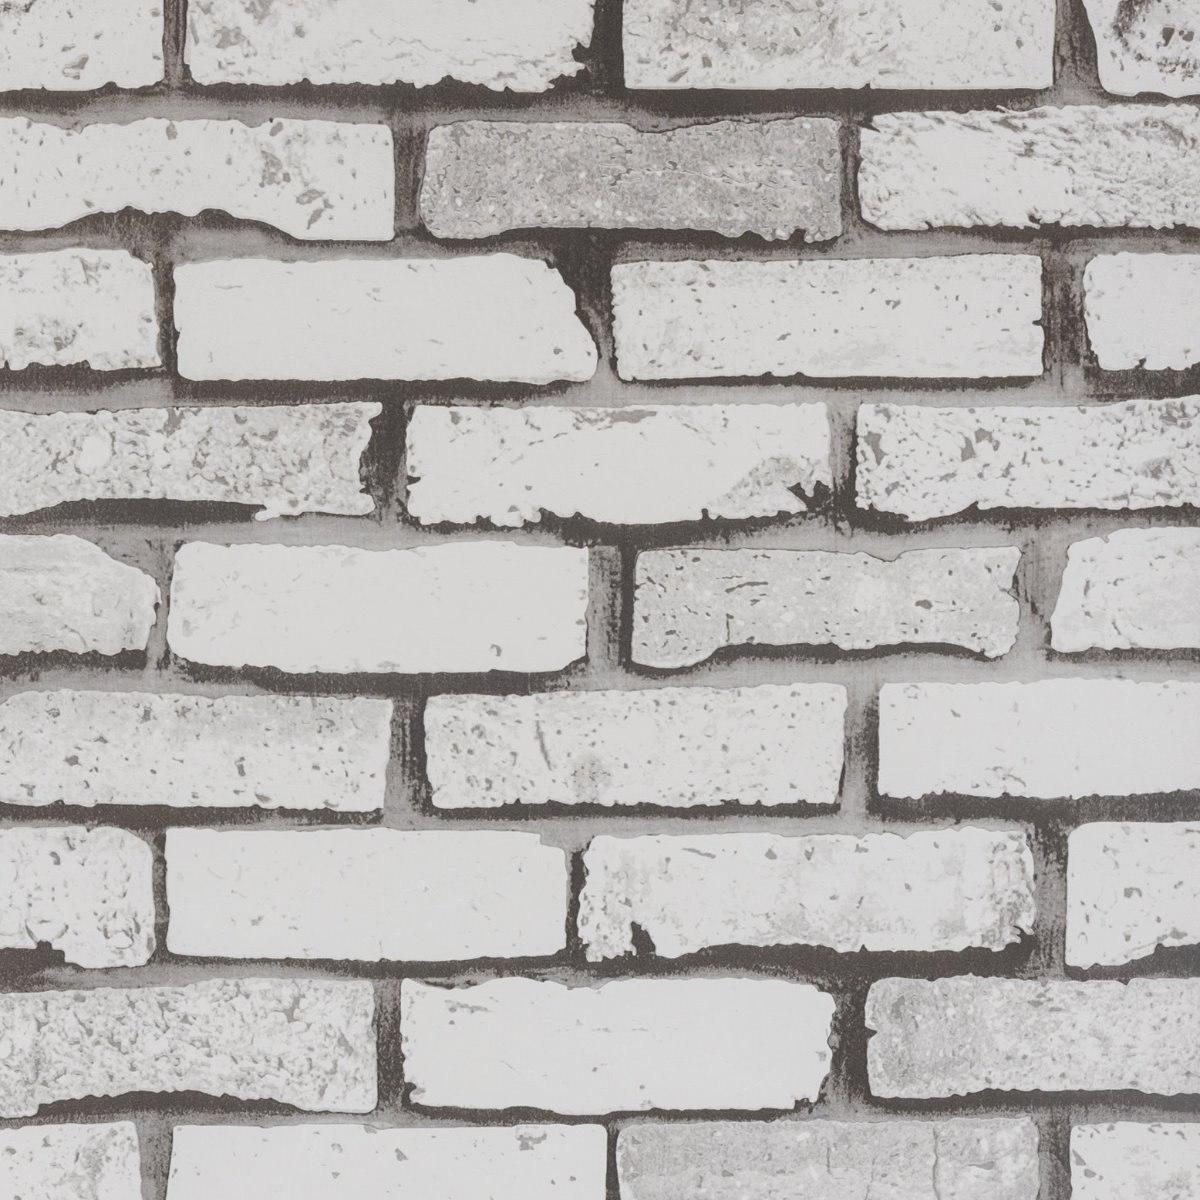 b5a8765f3 papel de parede vinílico lavável lavável tijolinho branco. Carregando zoom.